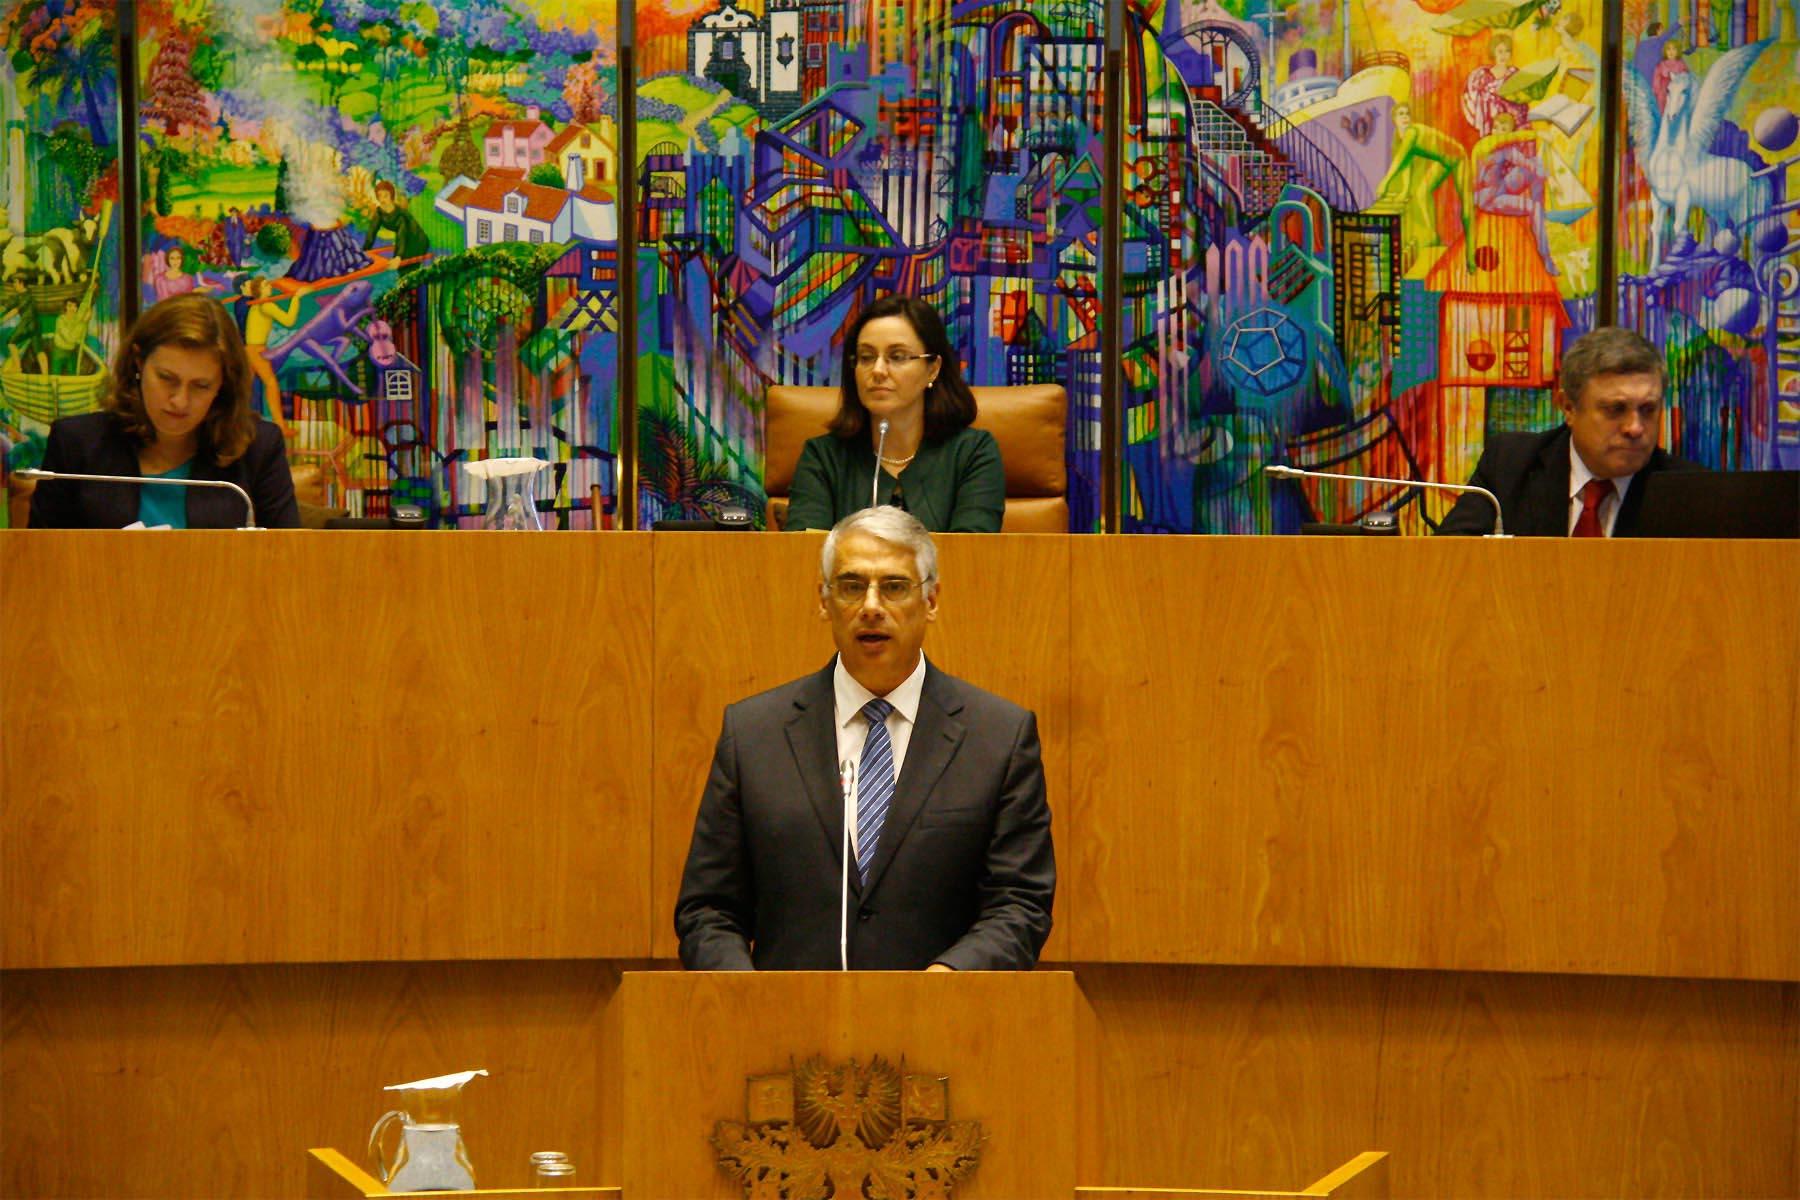 Obras devem contribuir para a atividade privada e qualidade de vida da população, afirma Luís Neto Viveiros